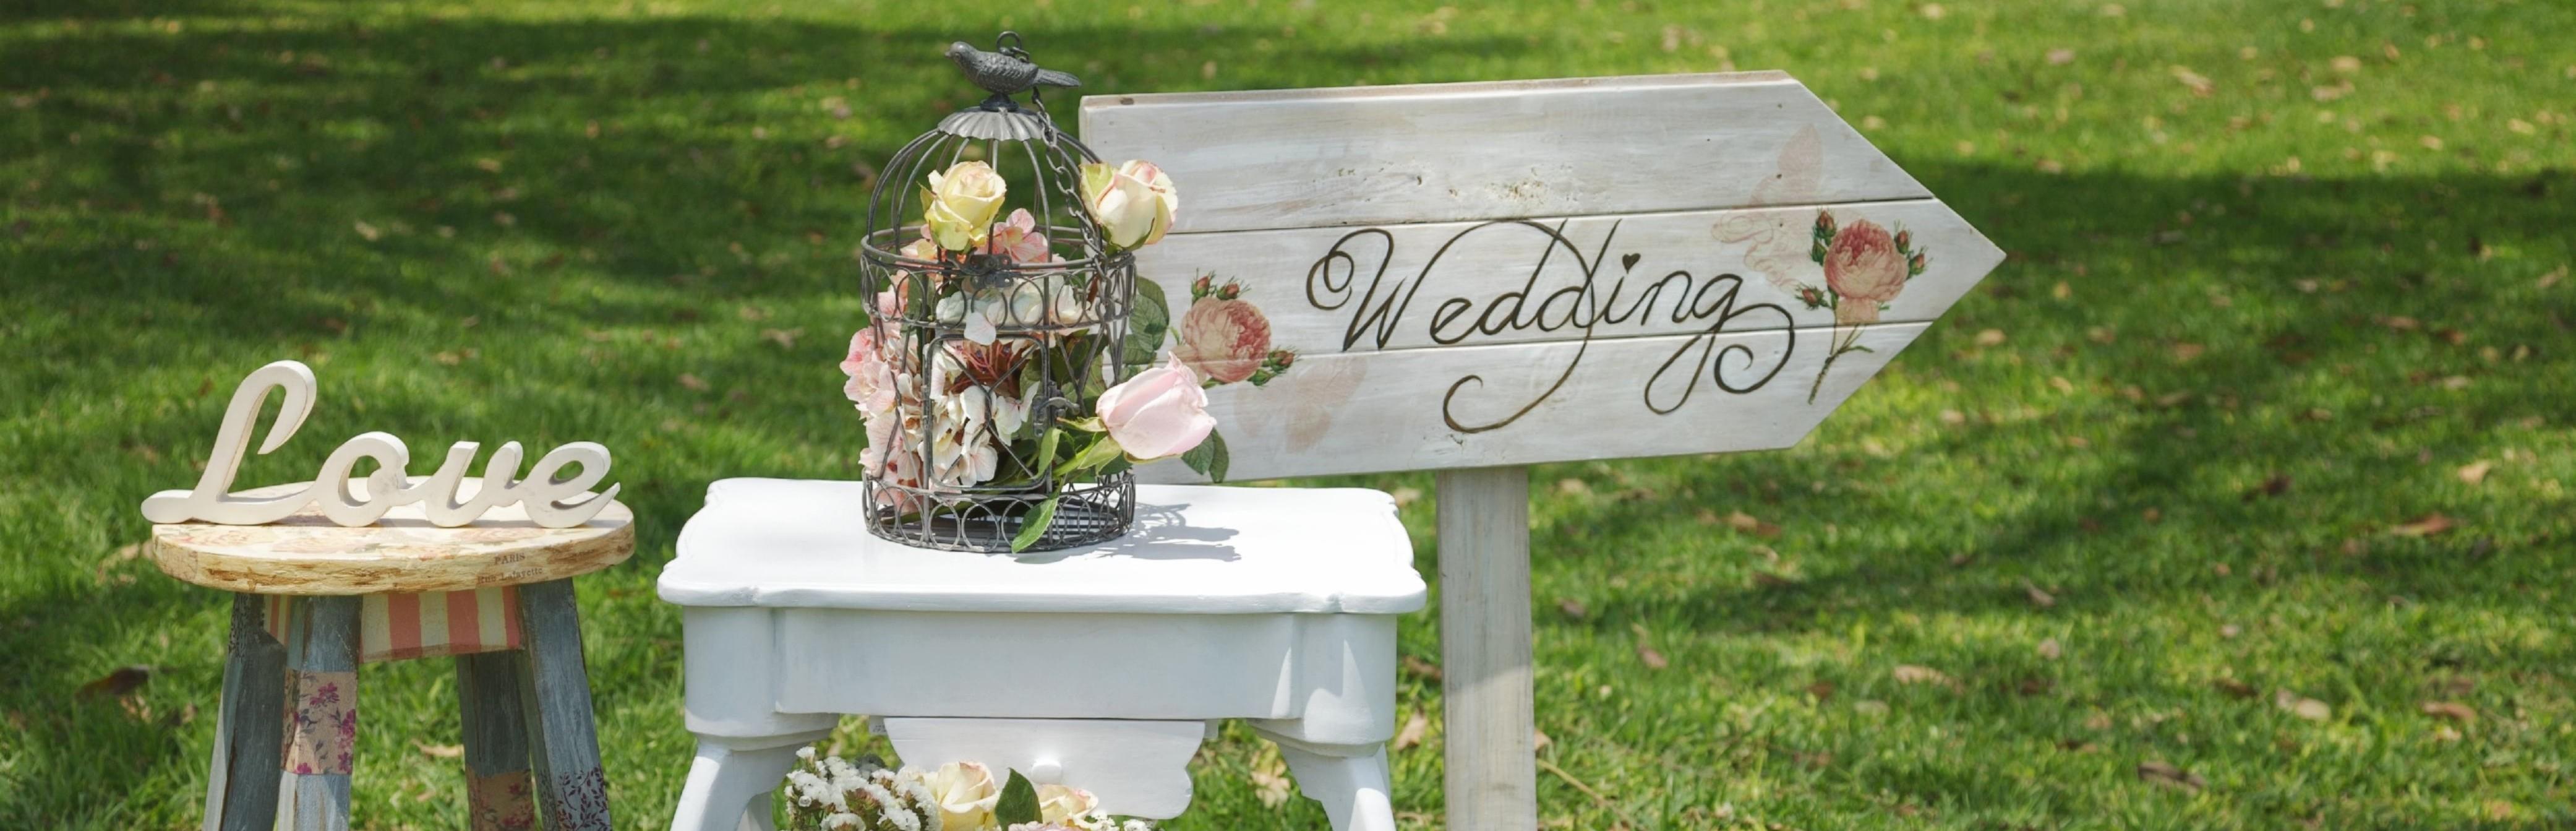 Wedding offerte